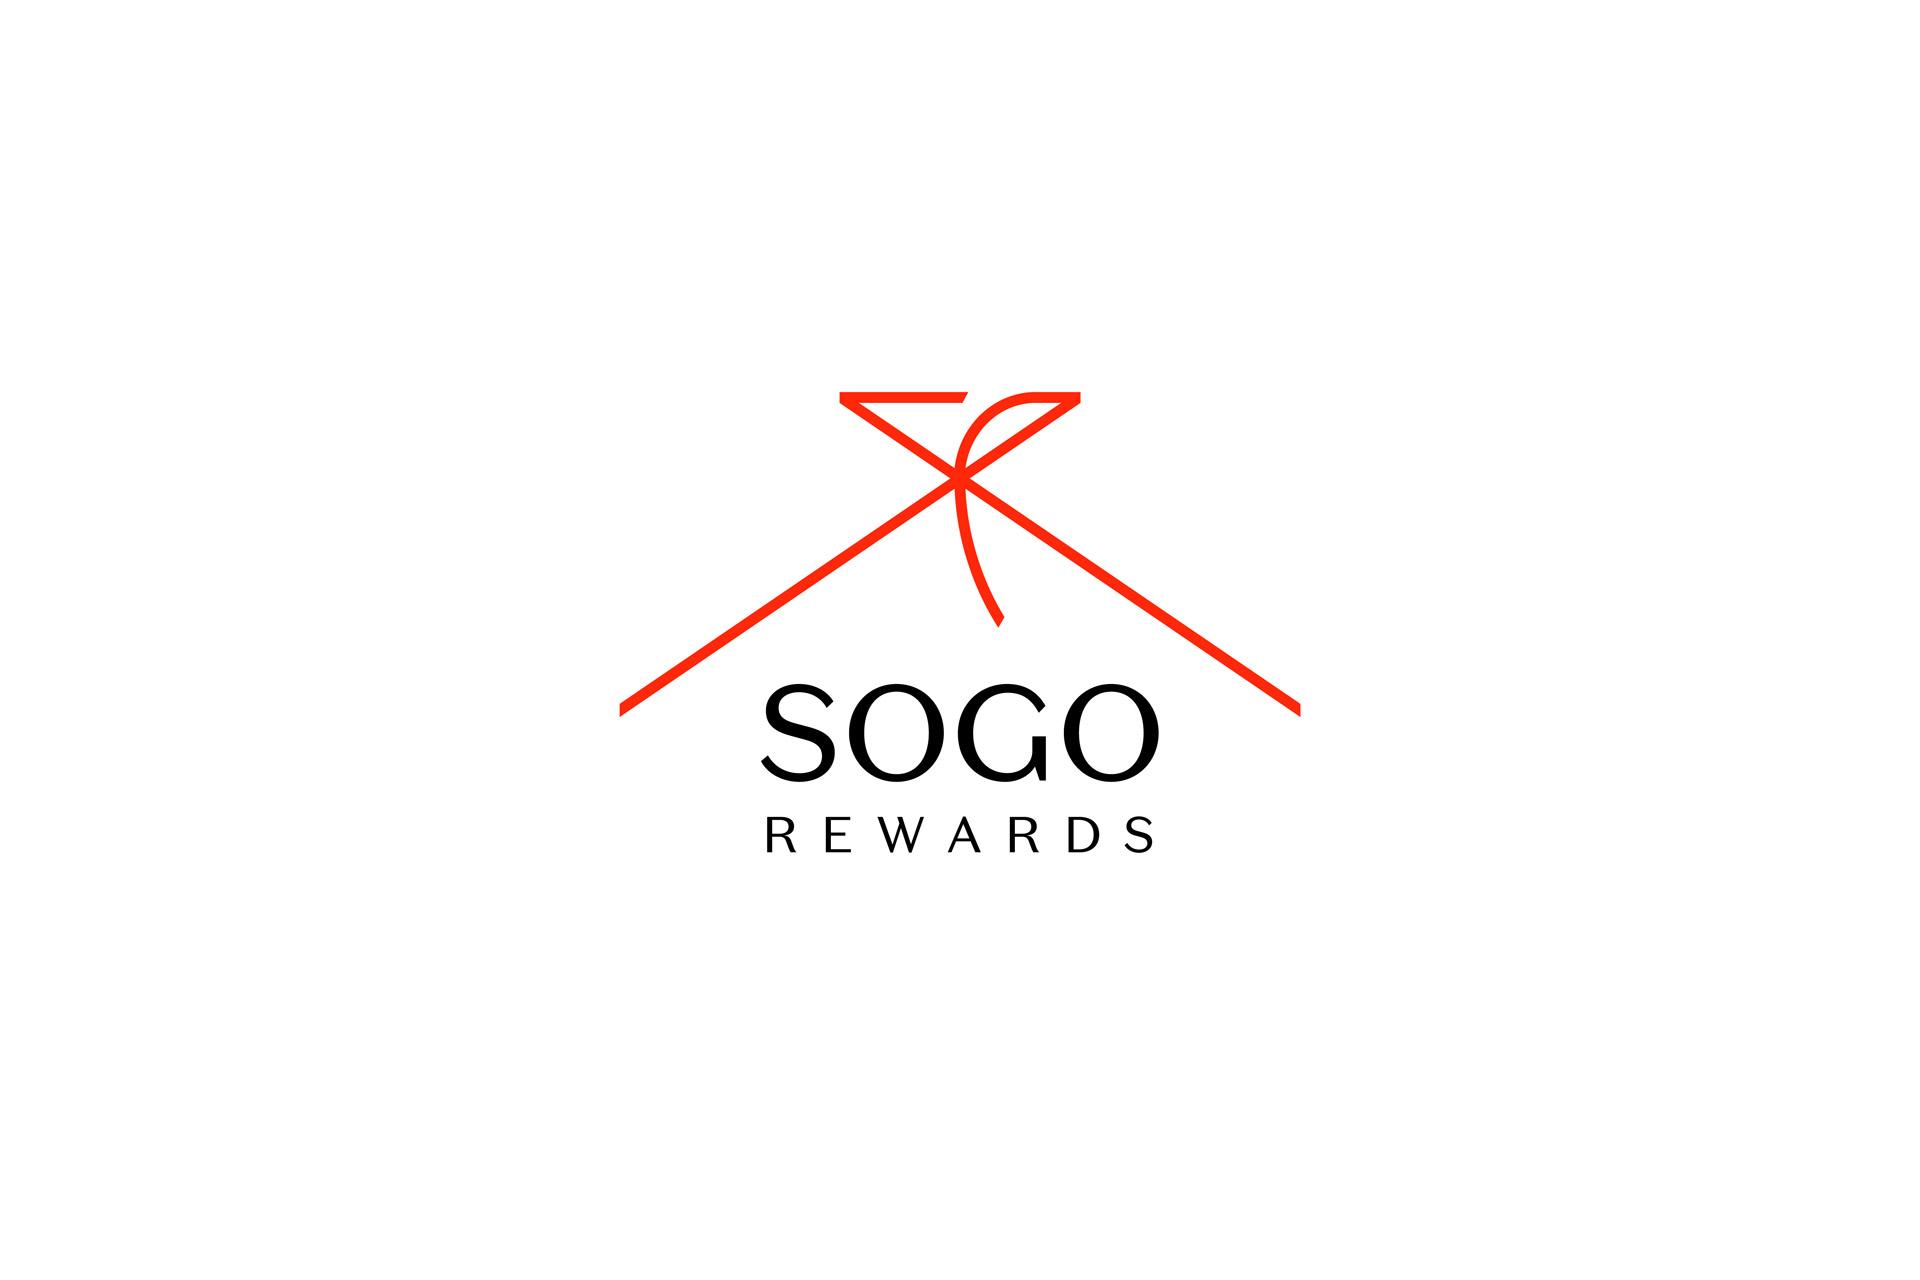 sogo-rewards_02